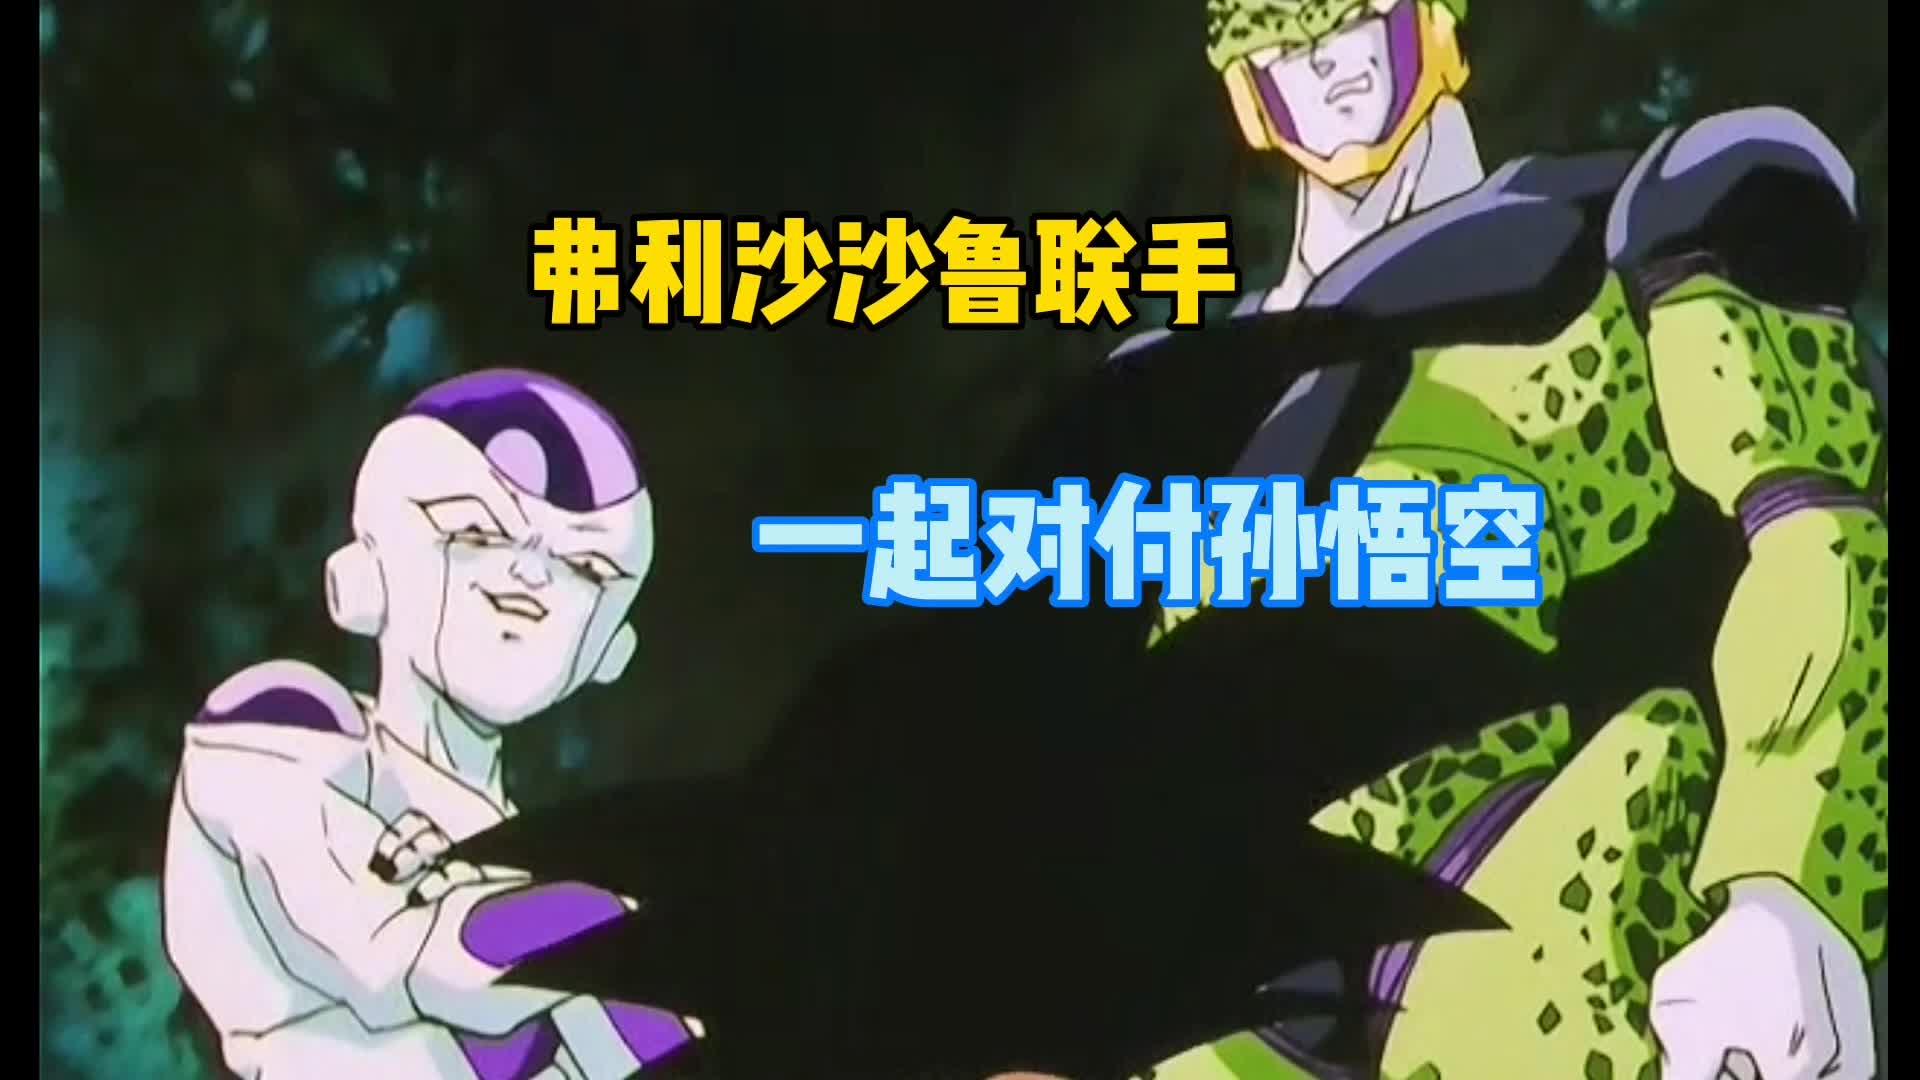 龙珠GT: 弗利沙沙鲁两个过气反派想找悟空报仇。可反被悟空虐